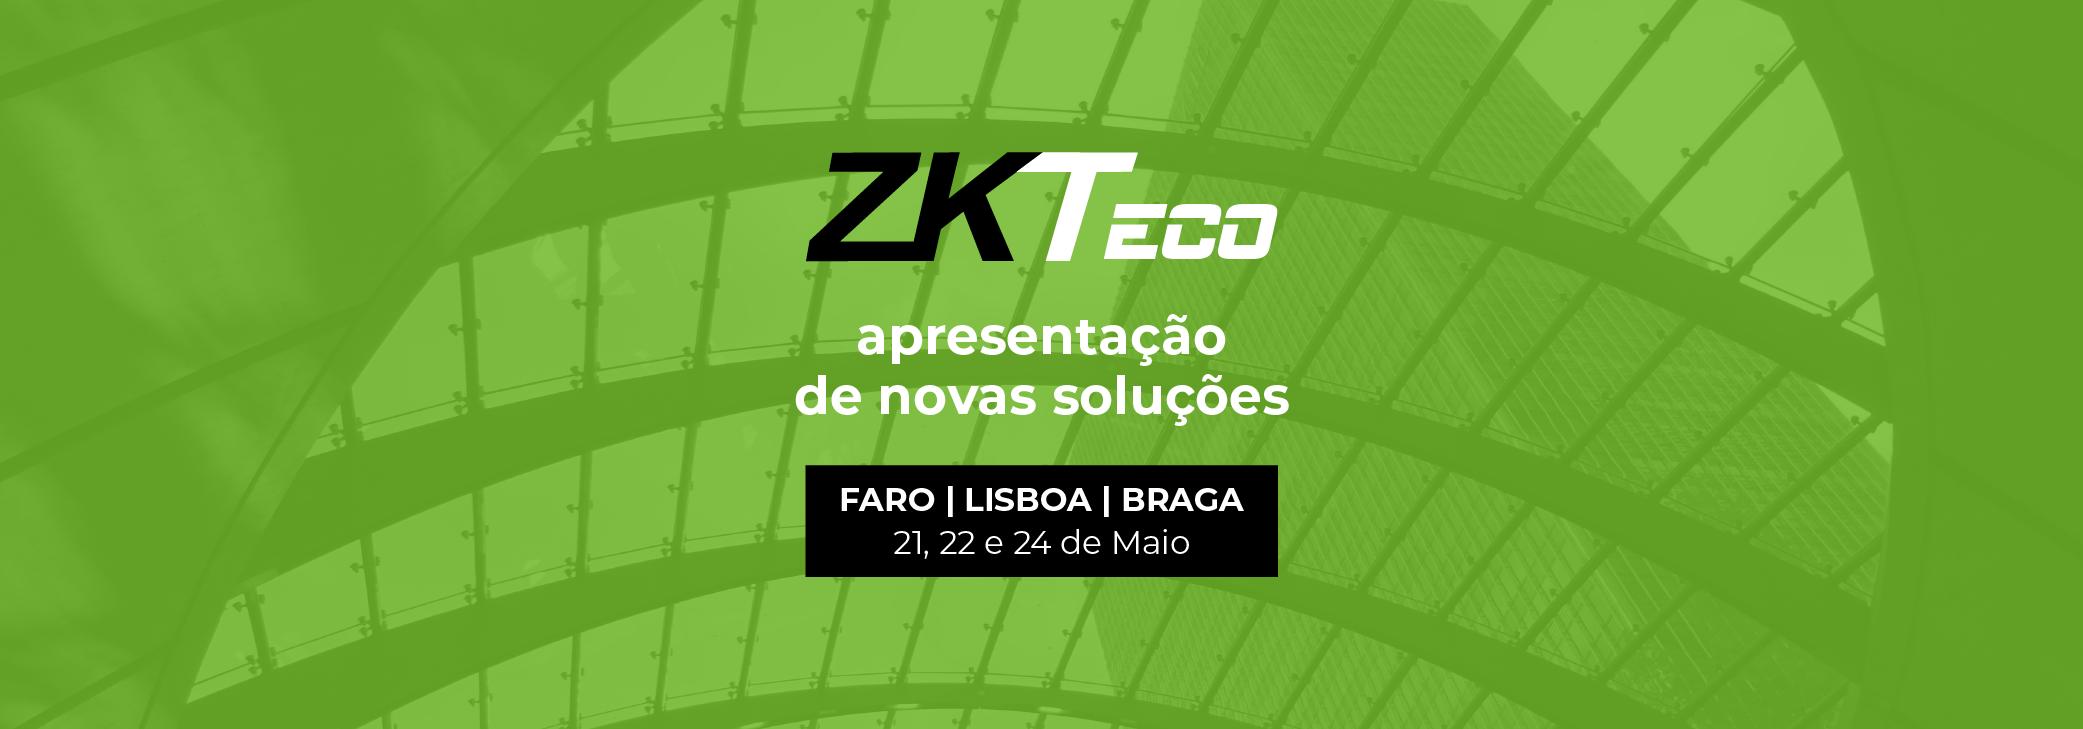 ZKTeco - Apresentação de novas soluções